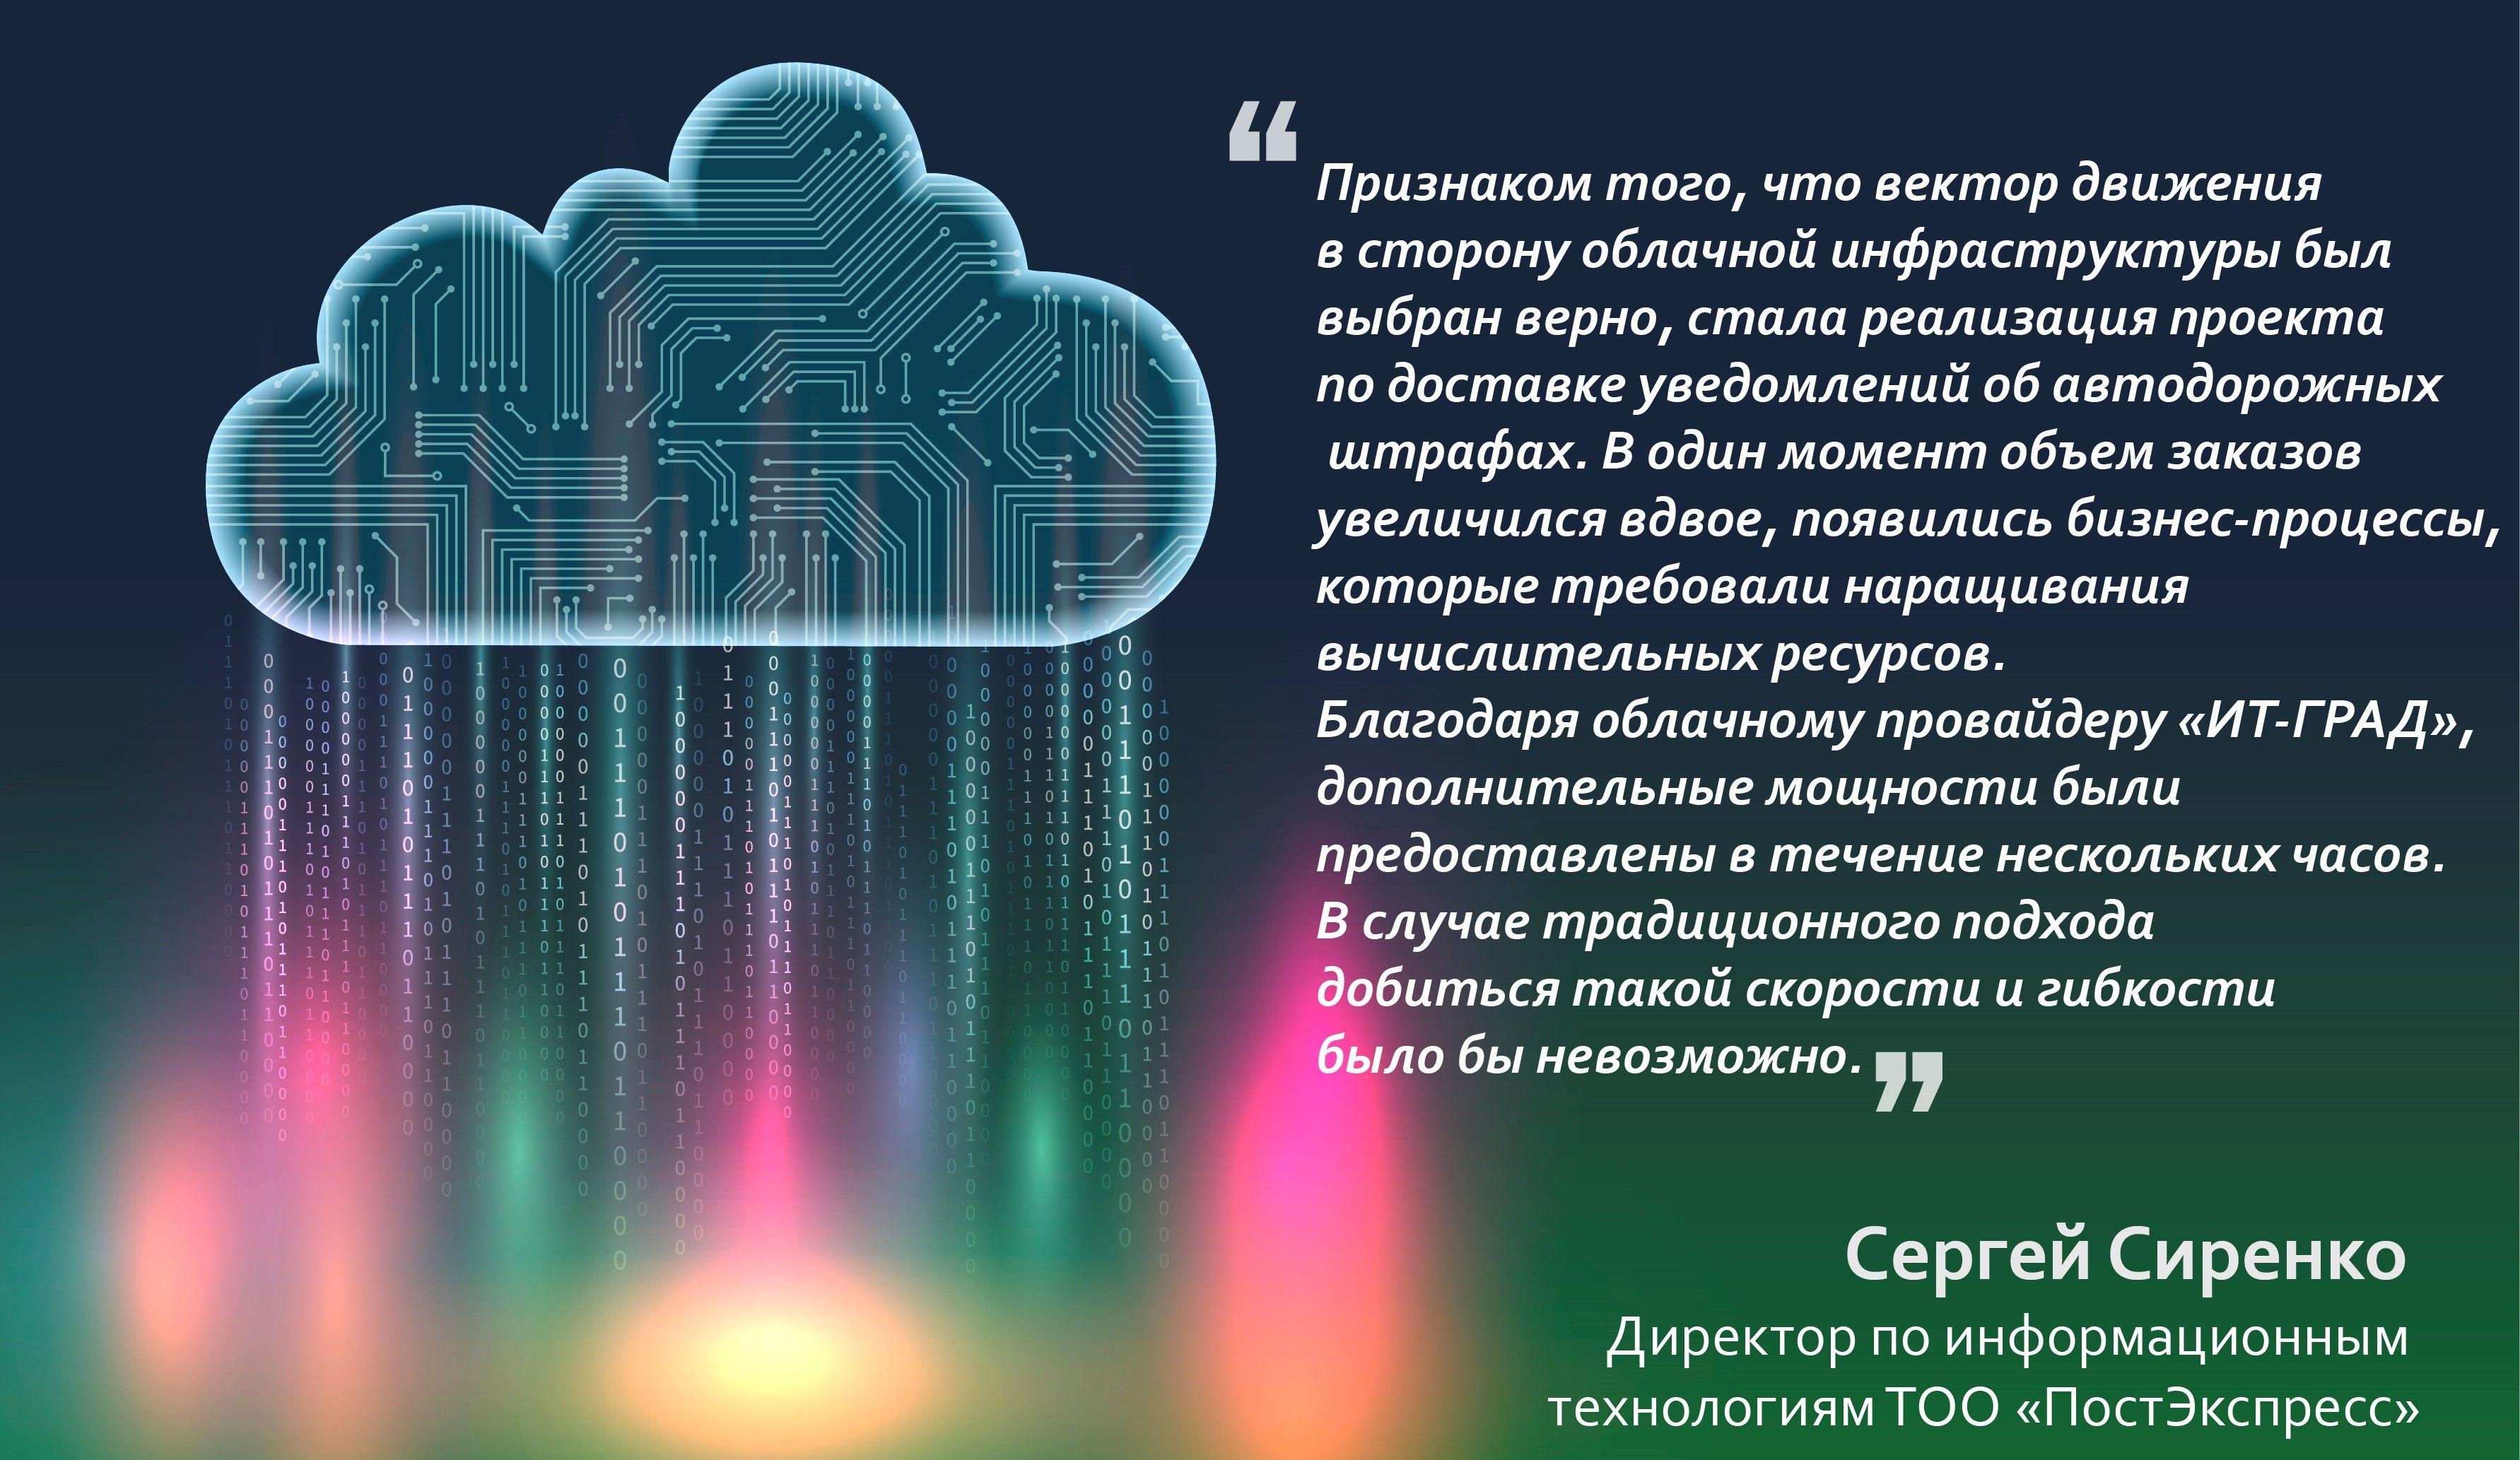 Новая эра в cloud-технологиях 205526 - Kapital.kz